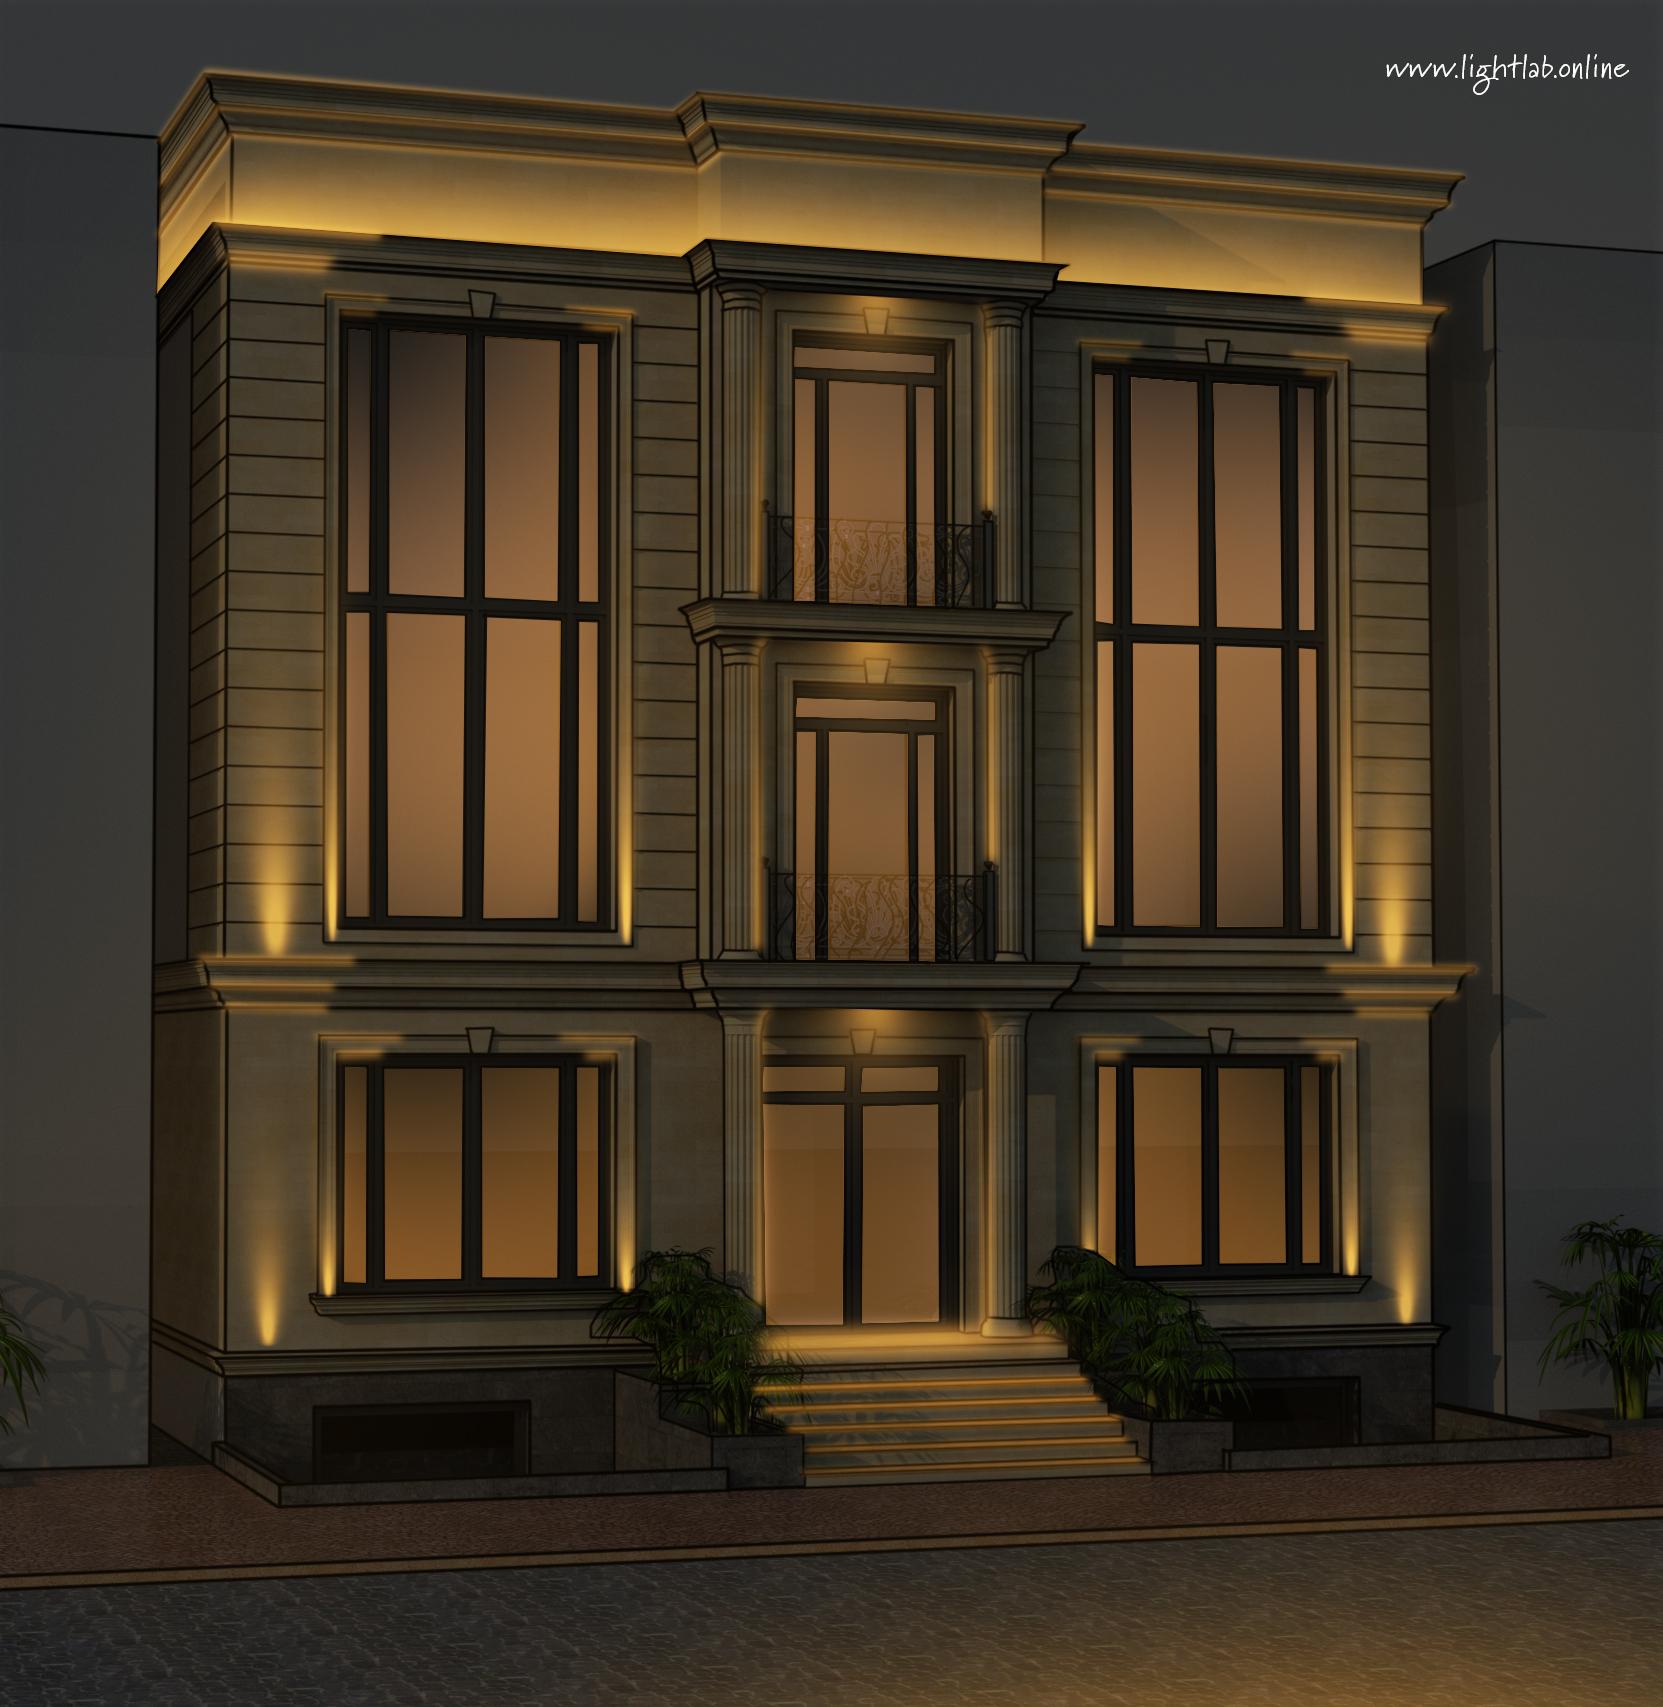 Эскиз фасадного освещения